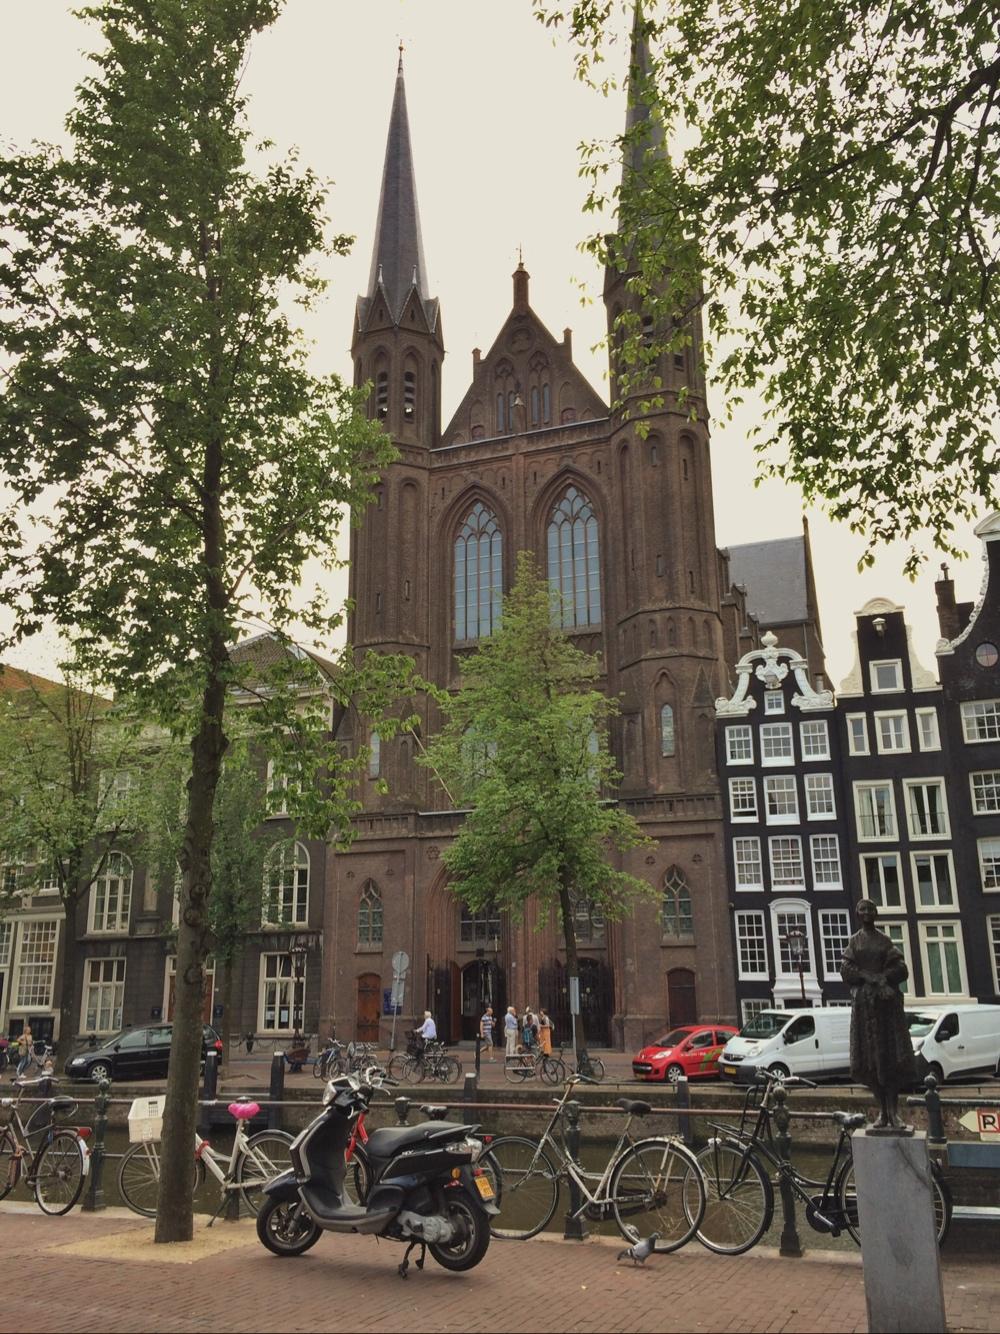 bild på en kyrka i amsterdam av sebastian thorell